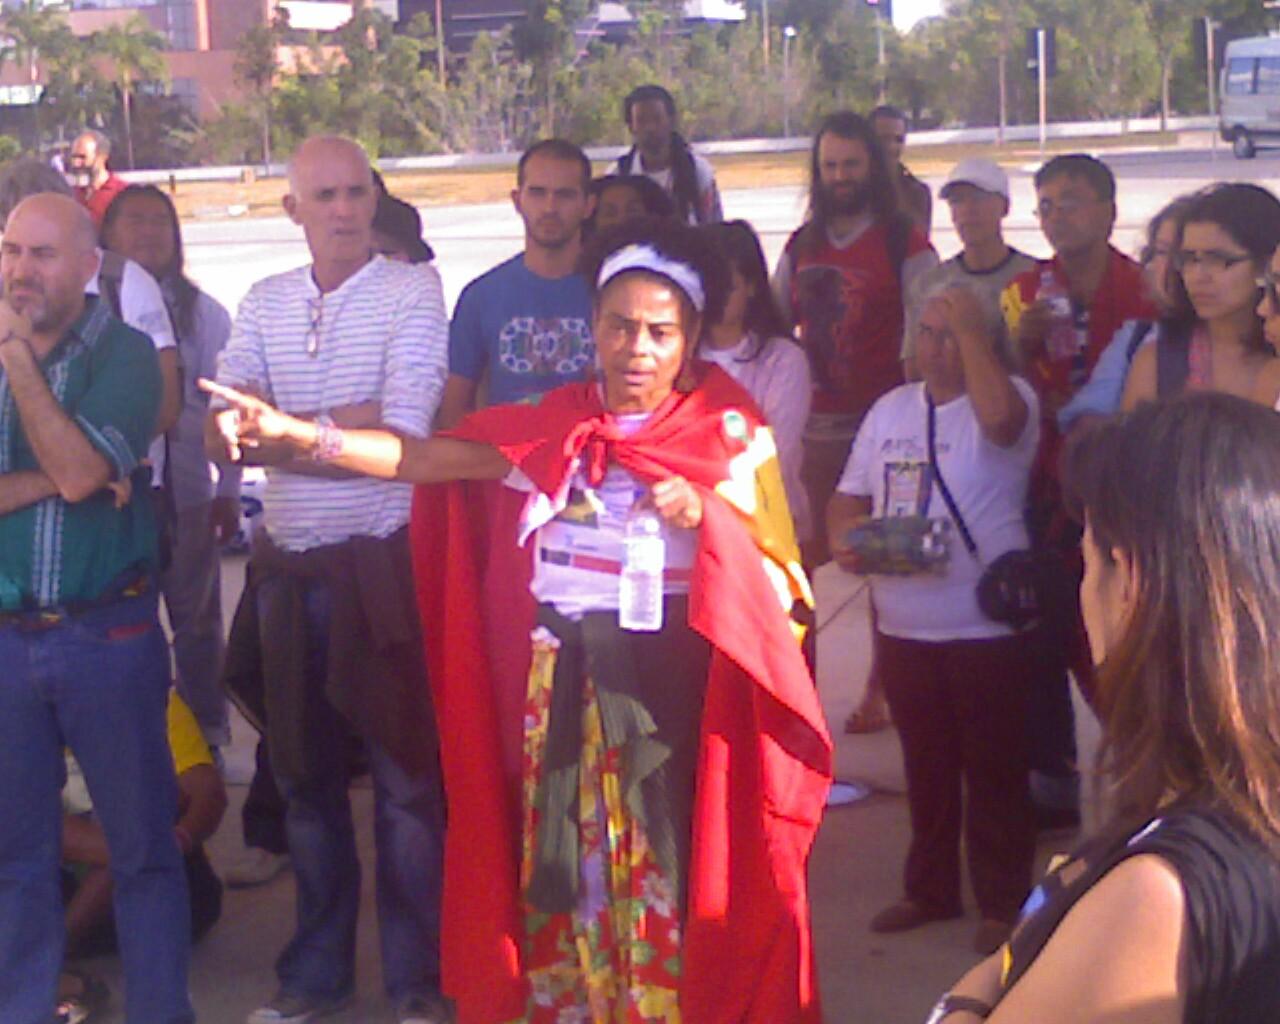 #PontosdeCultura querem falar com a @Dilmabr